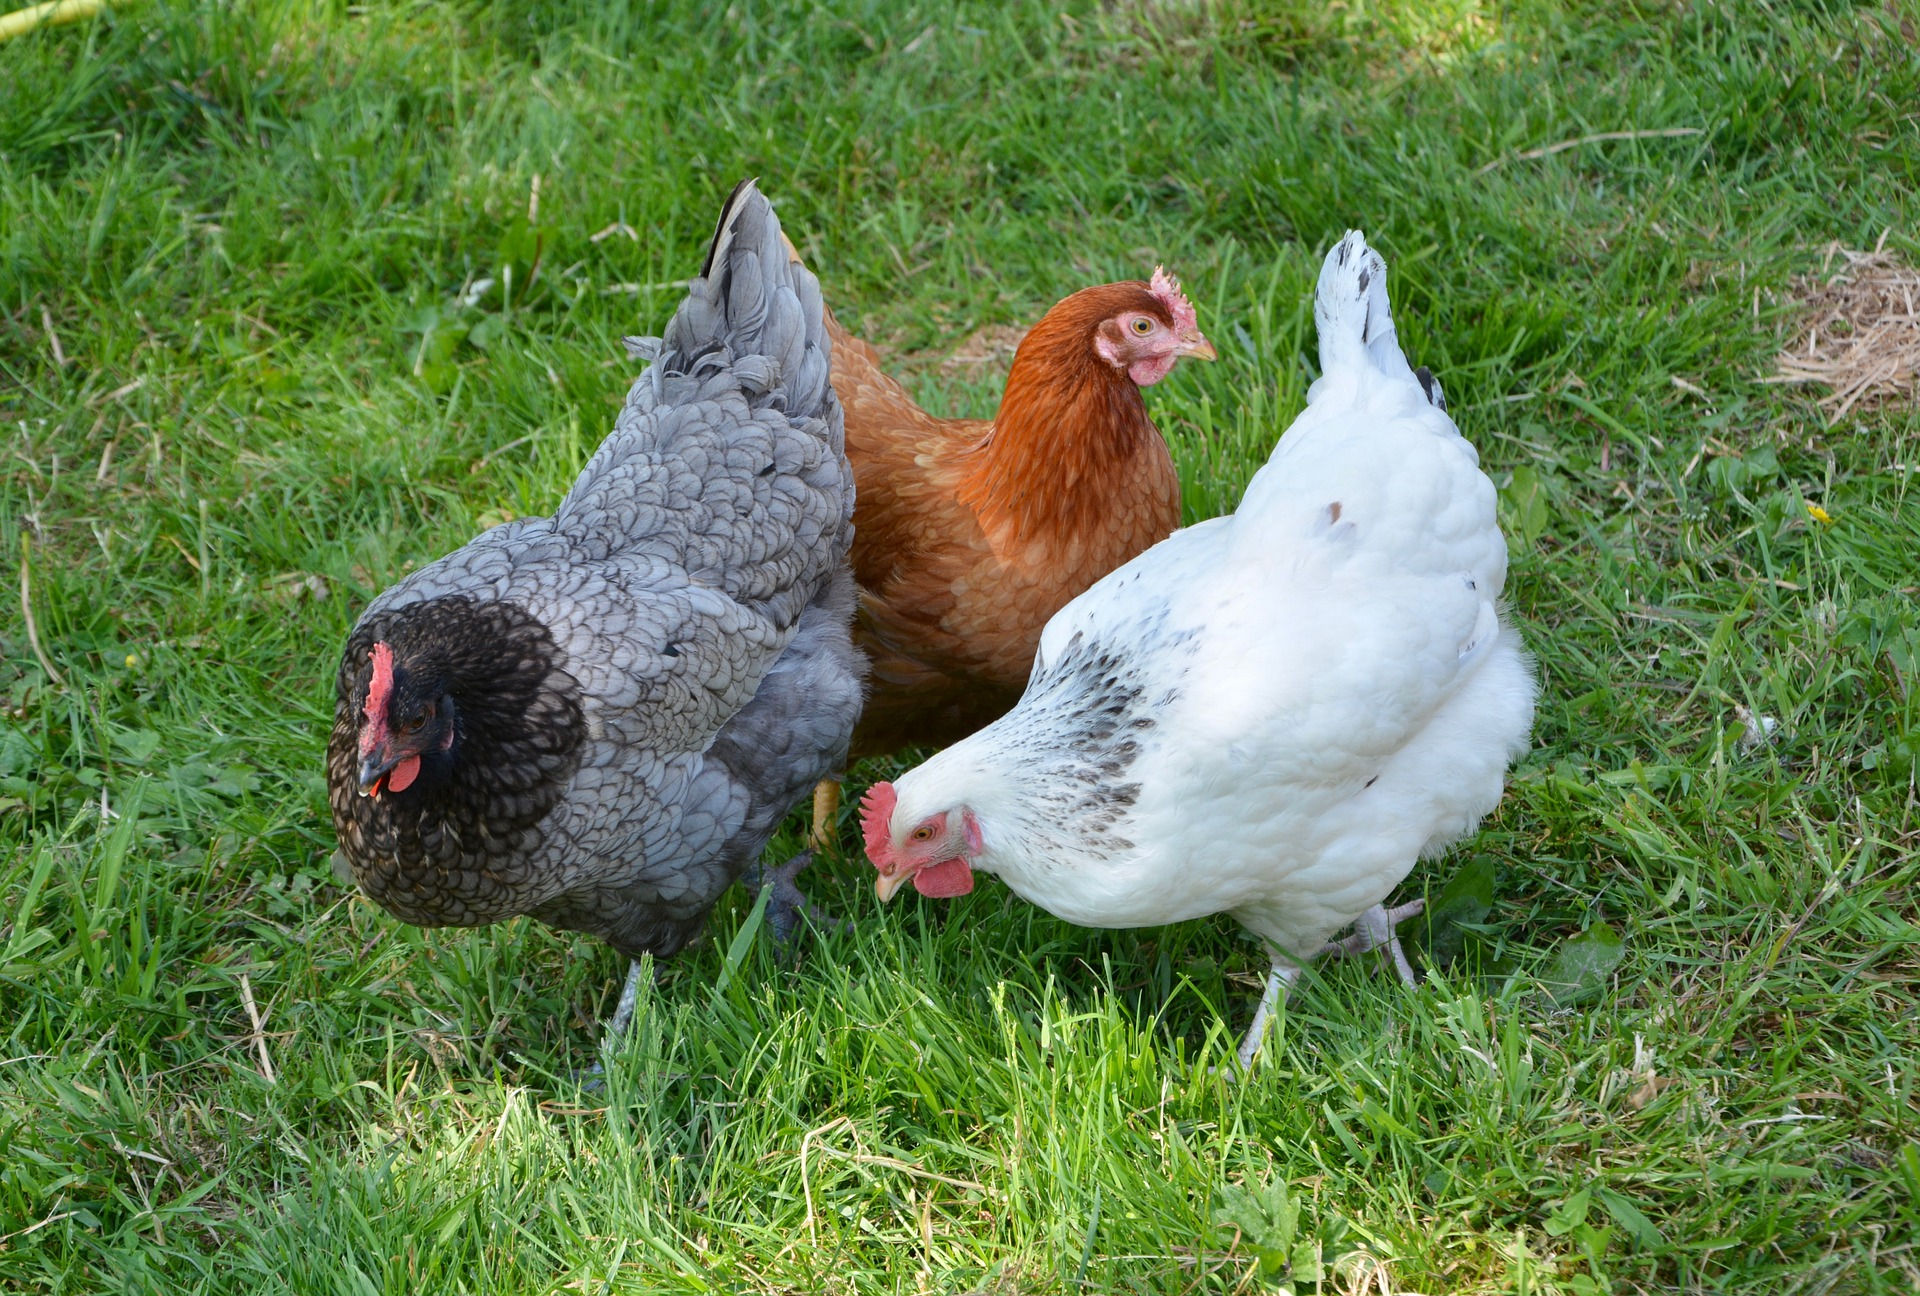 hens-3420126_1920